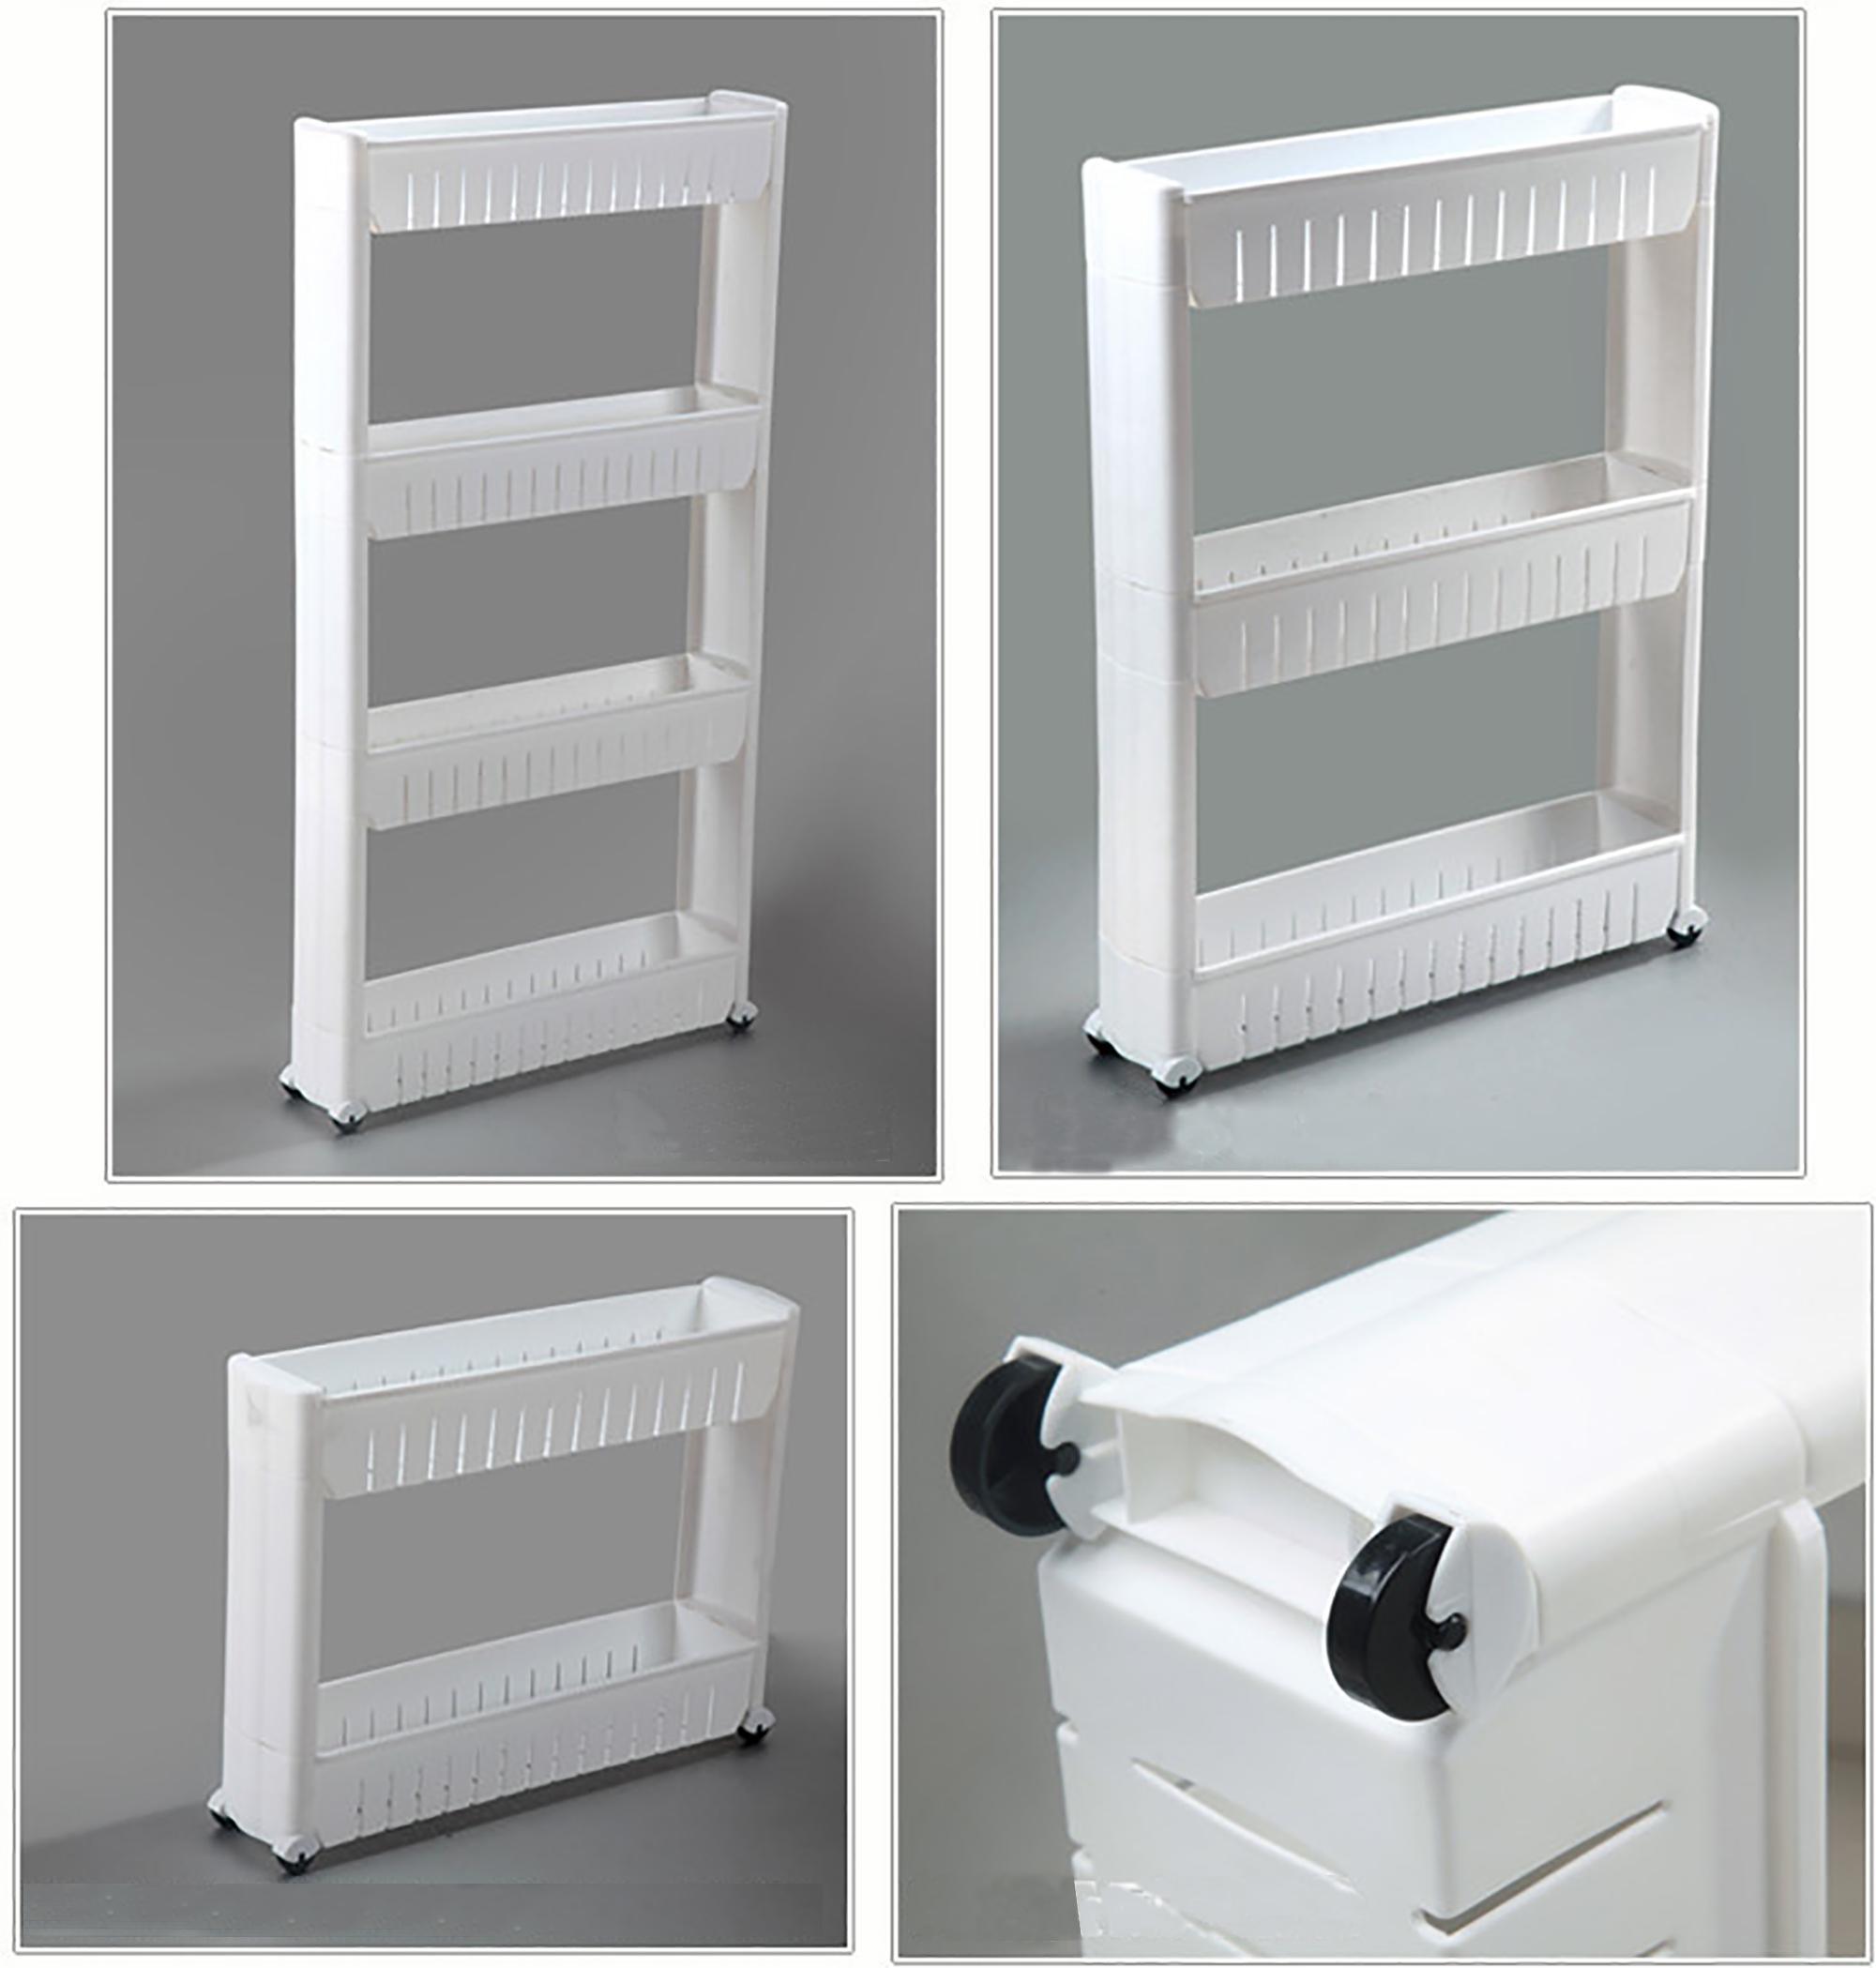 Amazon.com: Basicwise QI003220 Slim Storage Cabinet ...